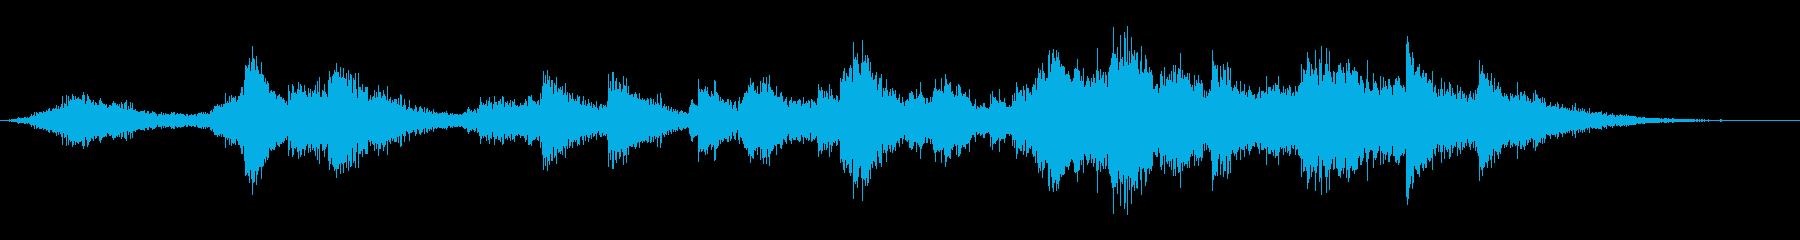 神社の鈴を鳴らす(カランカラン)の再生済みの波形